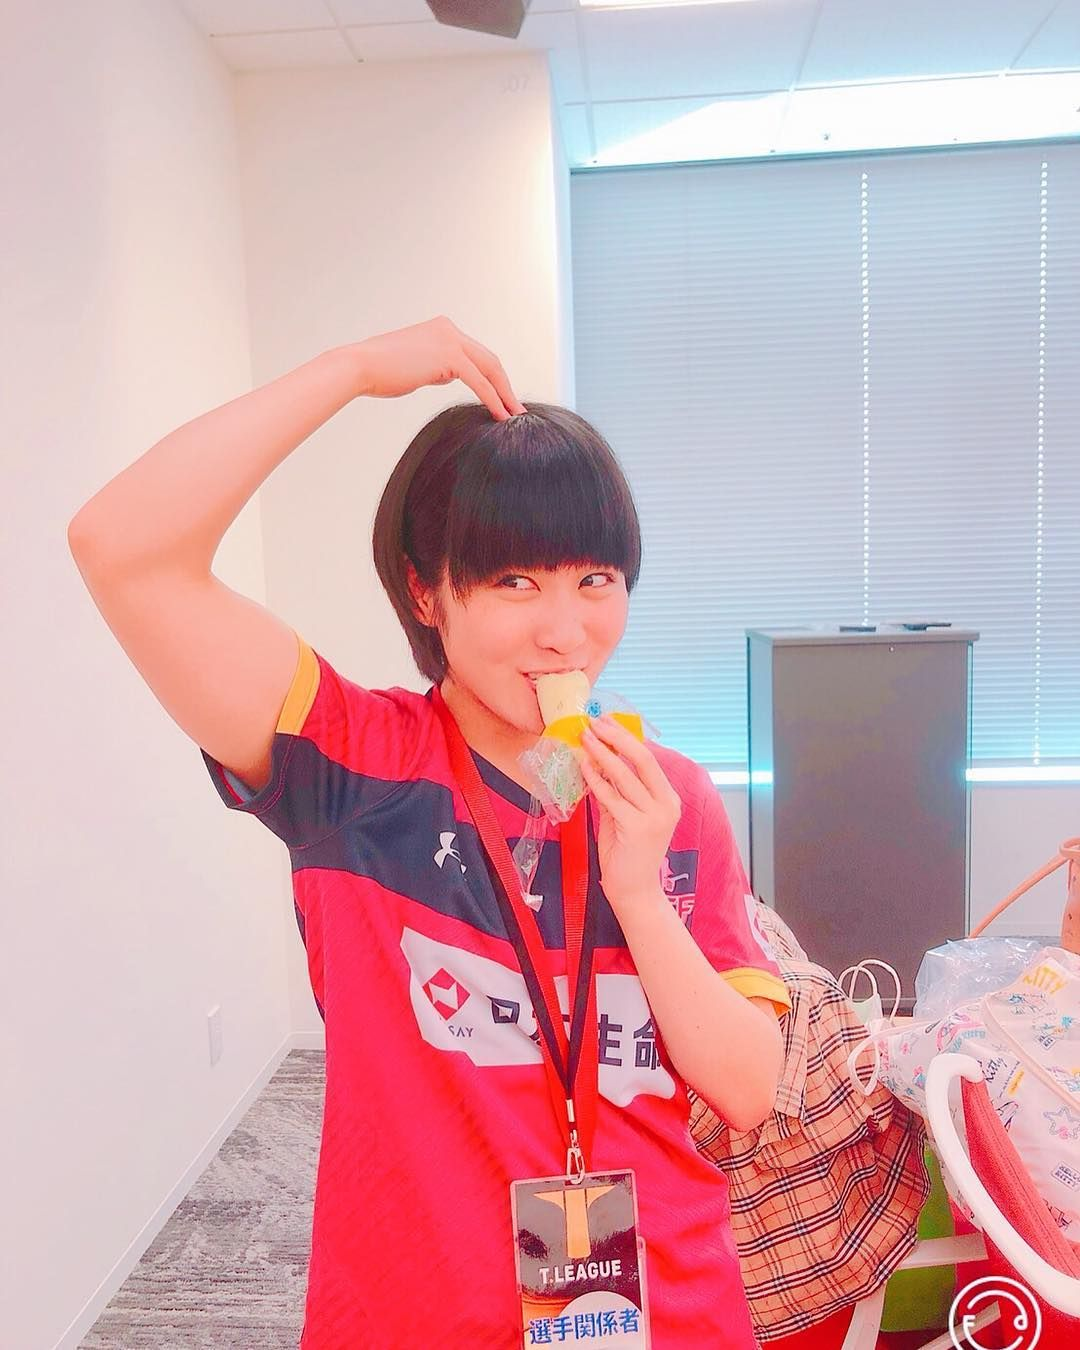 Miu HiranoさんはInstagramを利用しています「🔥🌈日本生命